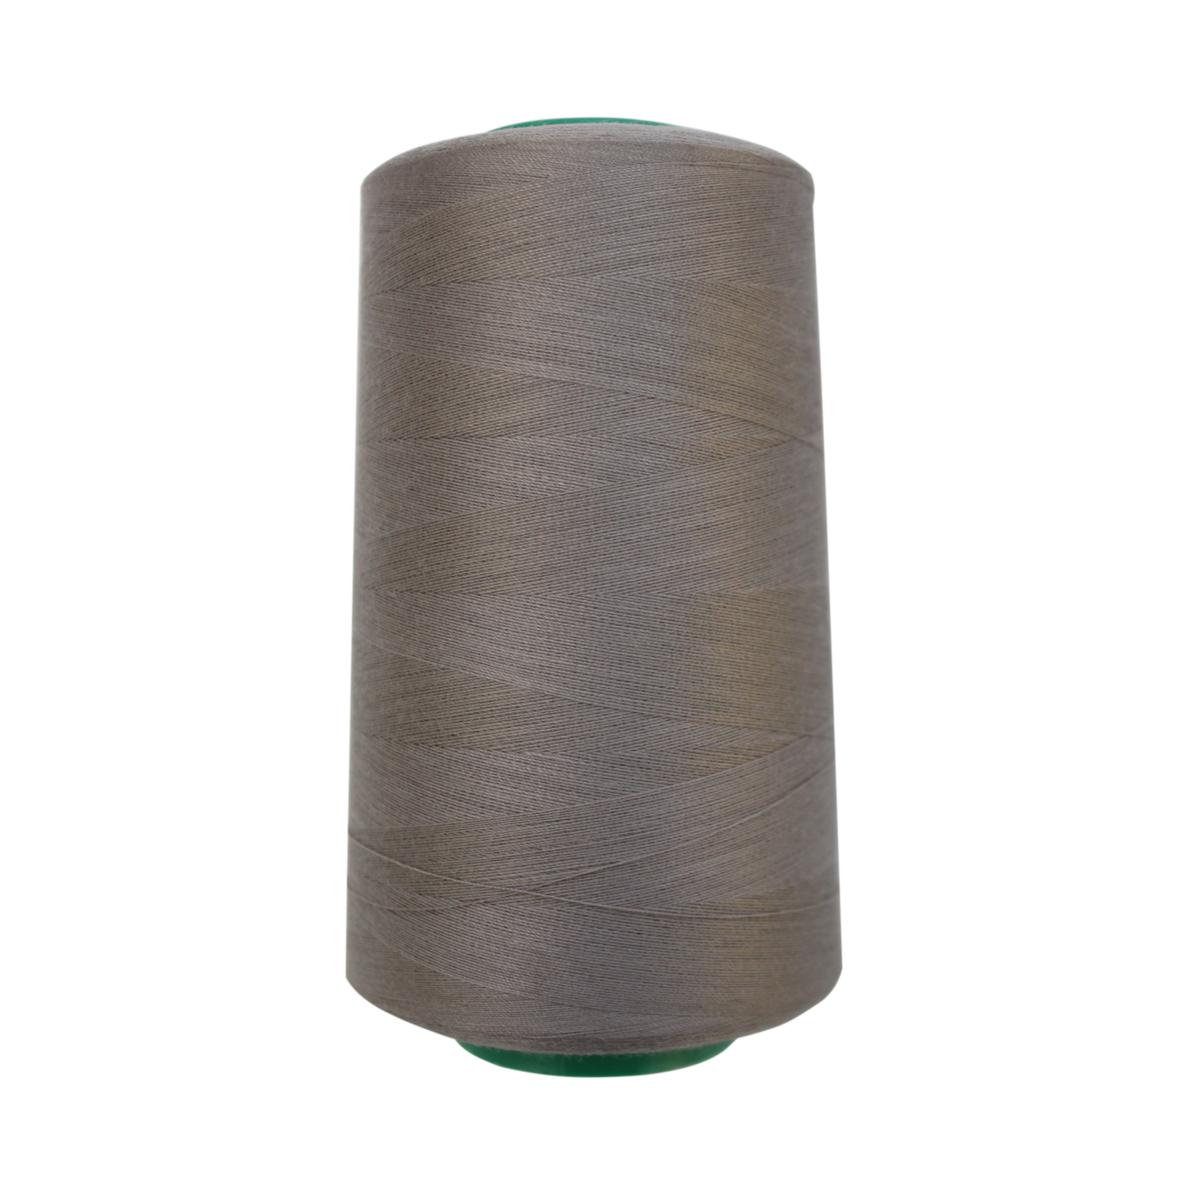 Нитки для шитья Bestex 50/2, 5000 ярд, цвет: серый.дым (174)7700936-174Сфера использования: трикотаж; ткани малого веса; оверлочные швы; отделка краев; вышивка. Размер игл №70-80